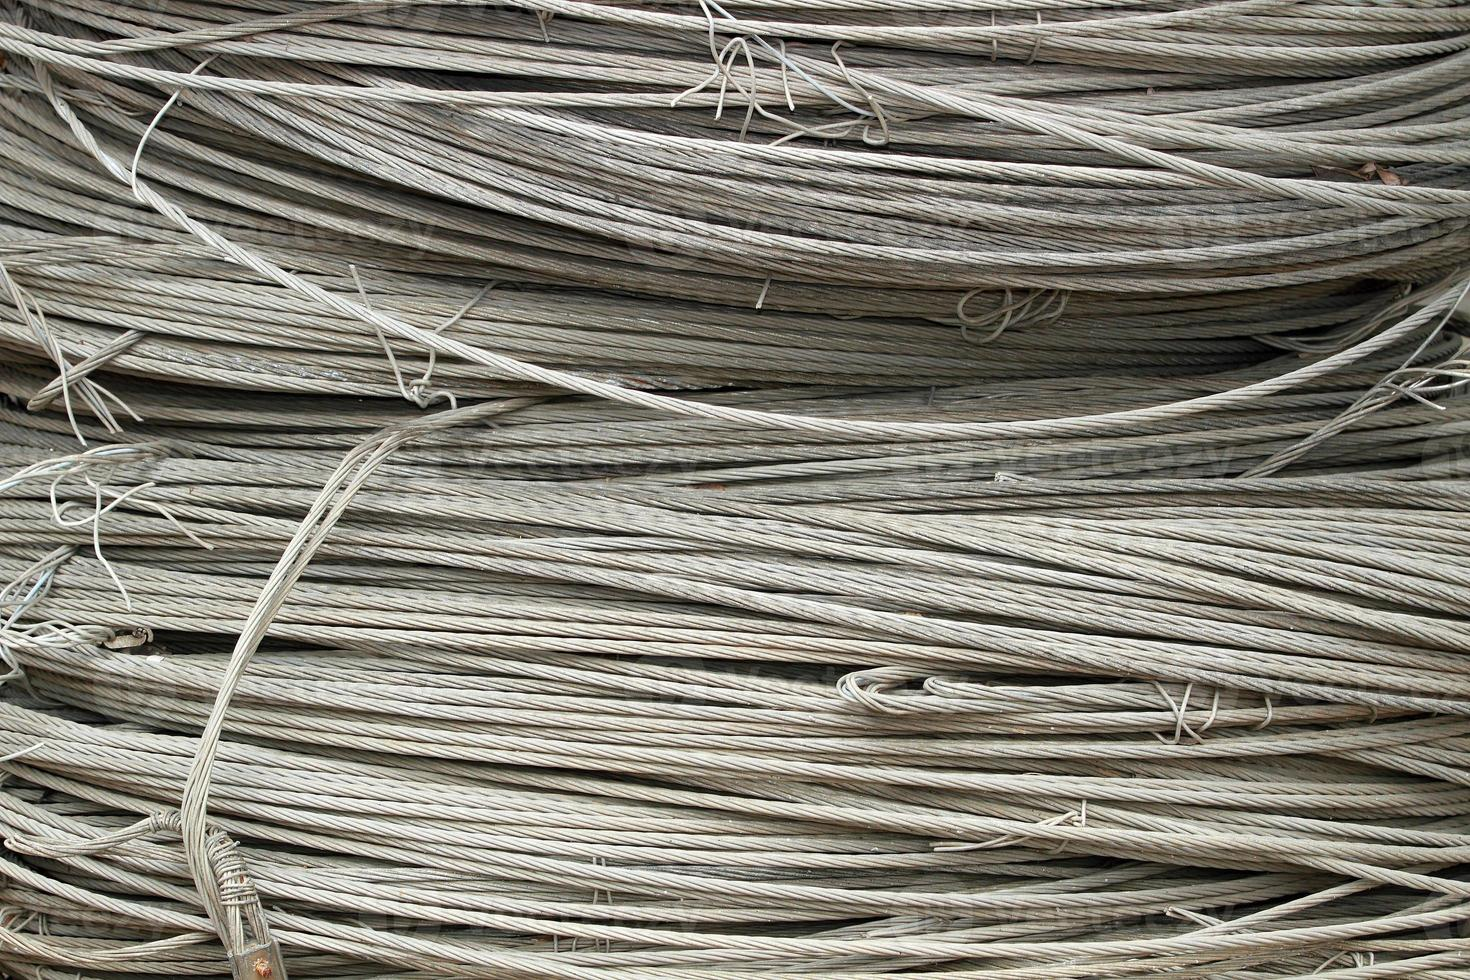 fundo tecnológico de corda de aço foto